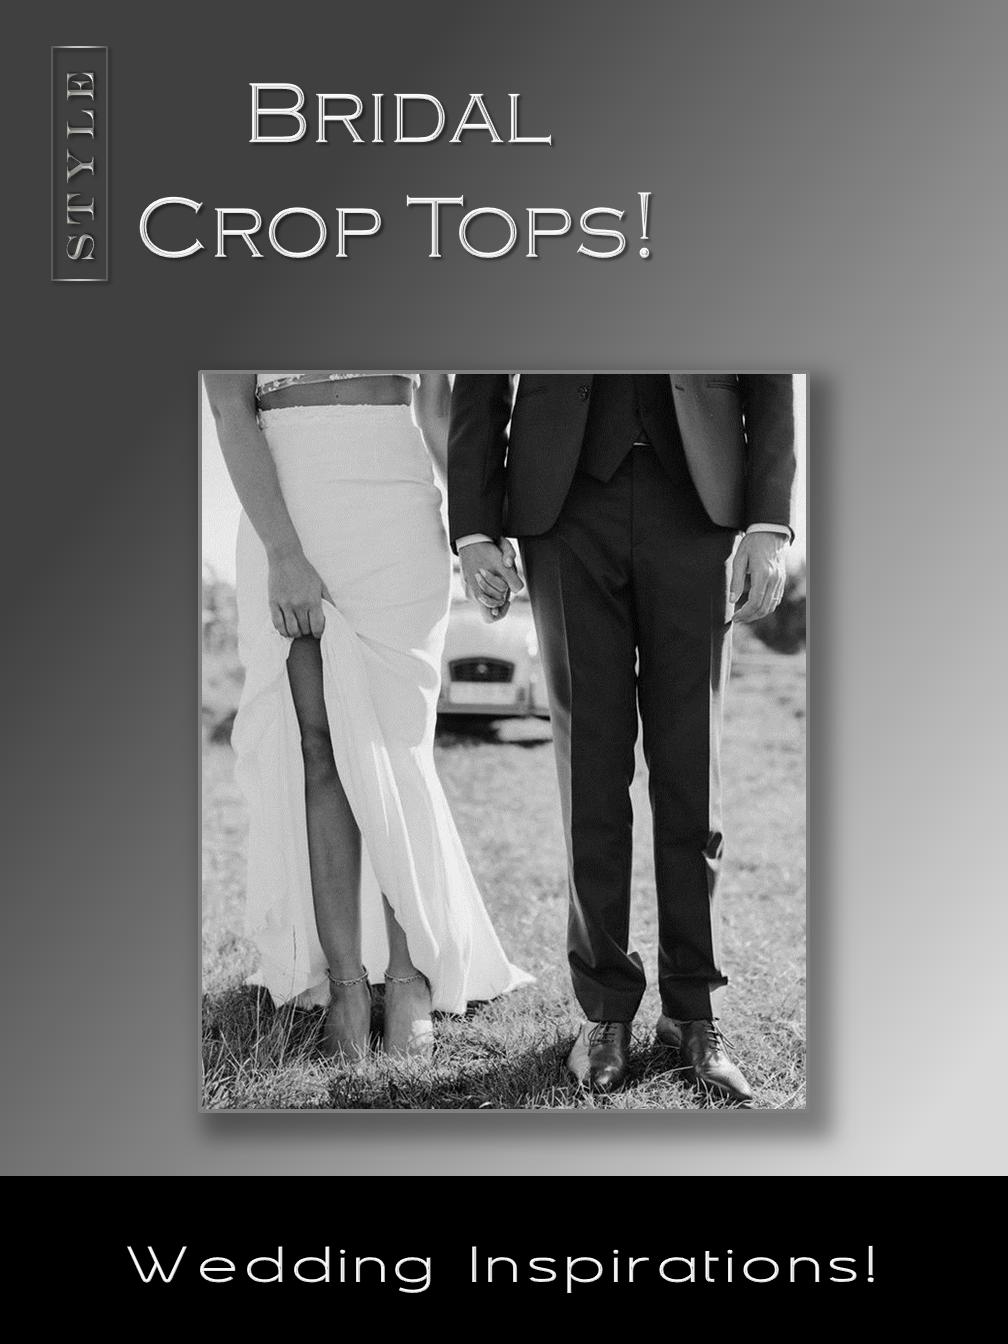 Bridal Crop Tops